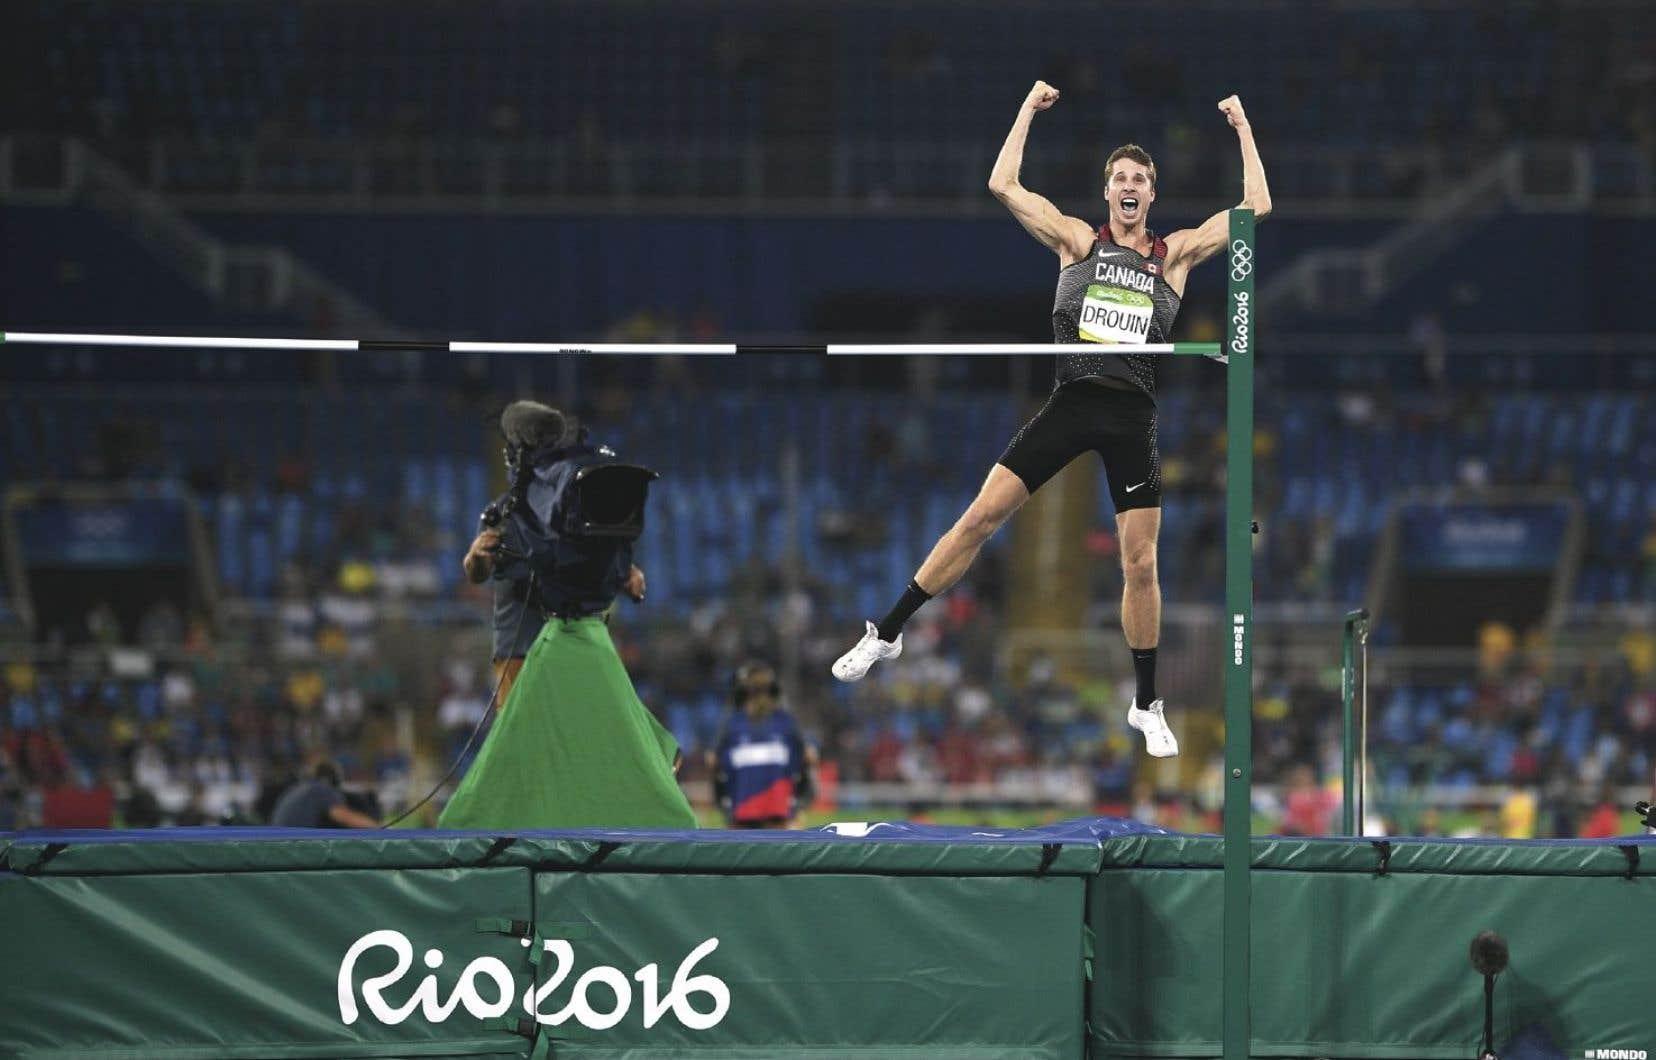 L'Ontarien Derek Drouin est monté sur la plus haute marche du podium en gagnant l'or au saut en hauteur, mardi.